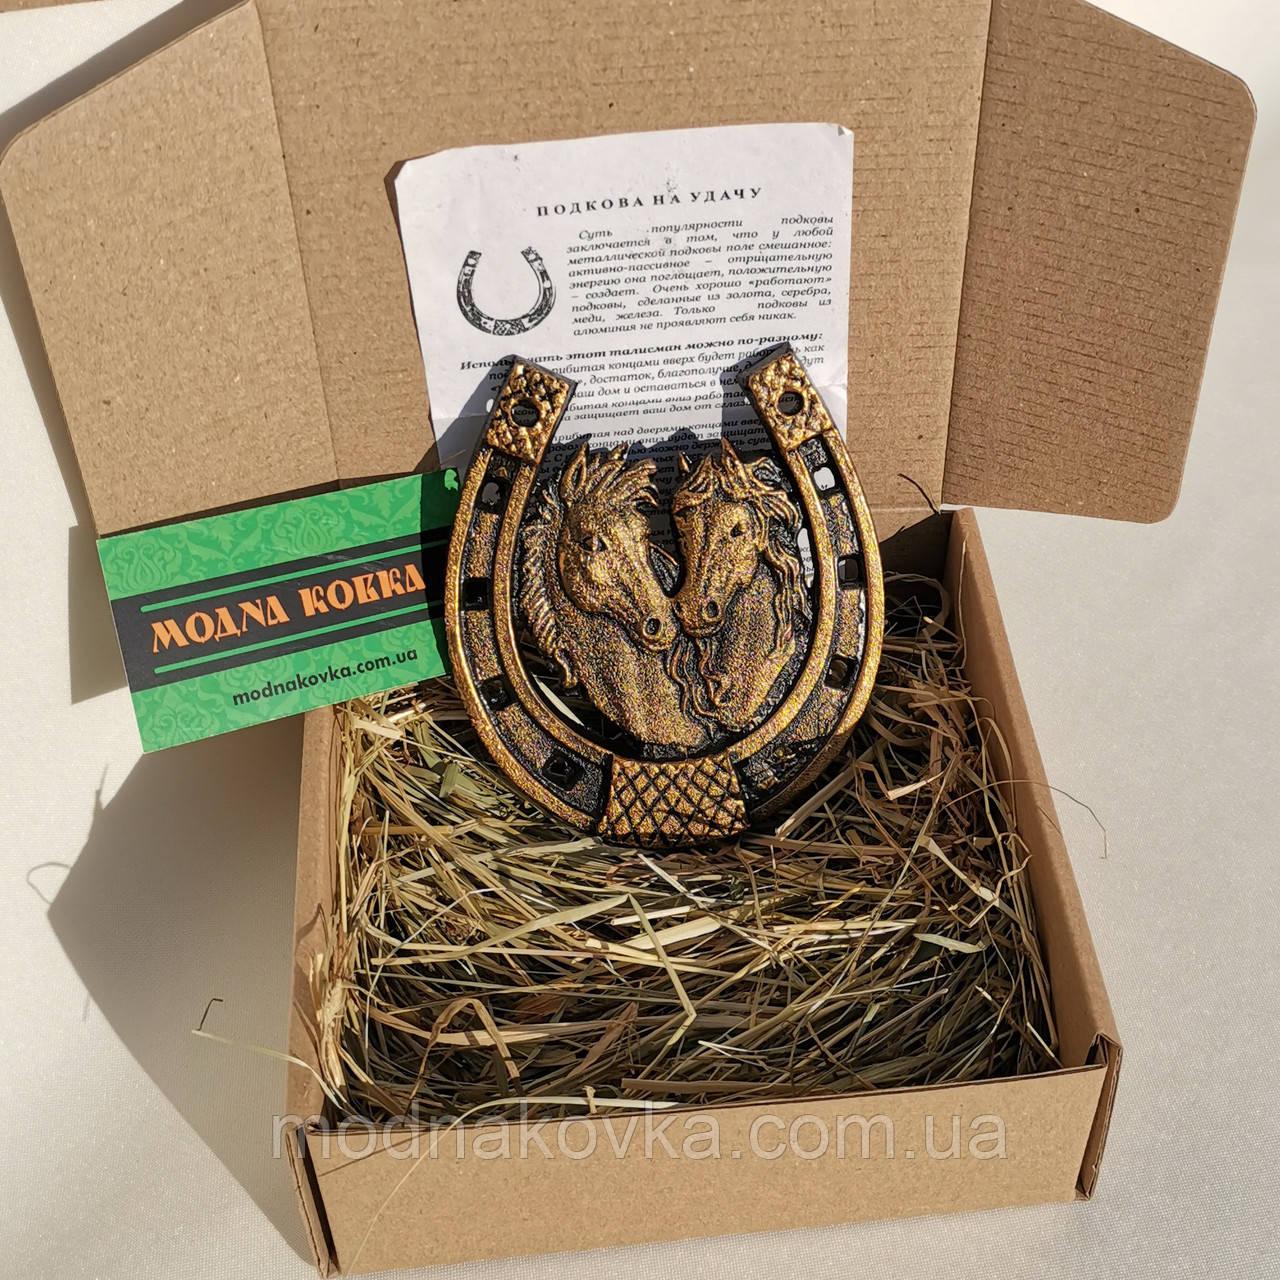 Подкова декоративная Лошади | Сувенирные подковы | Подкова подарочная